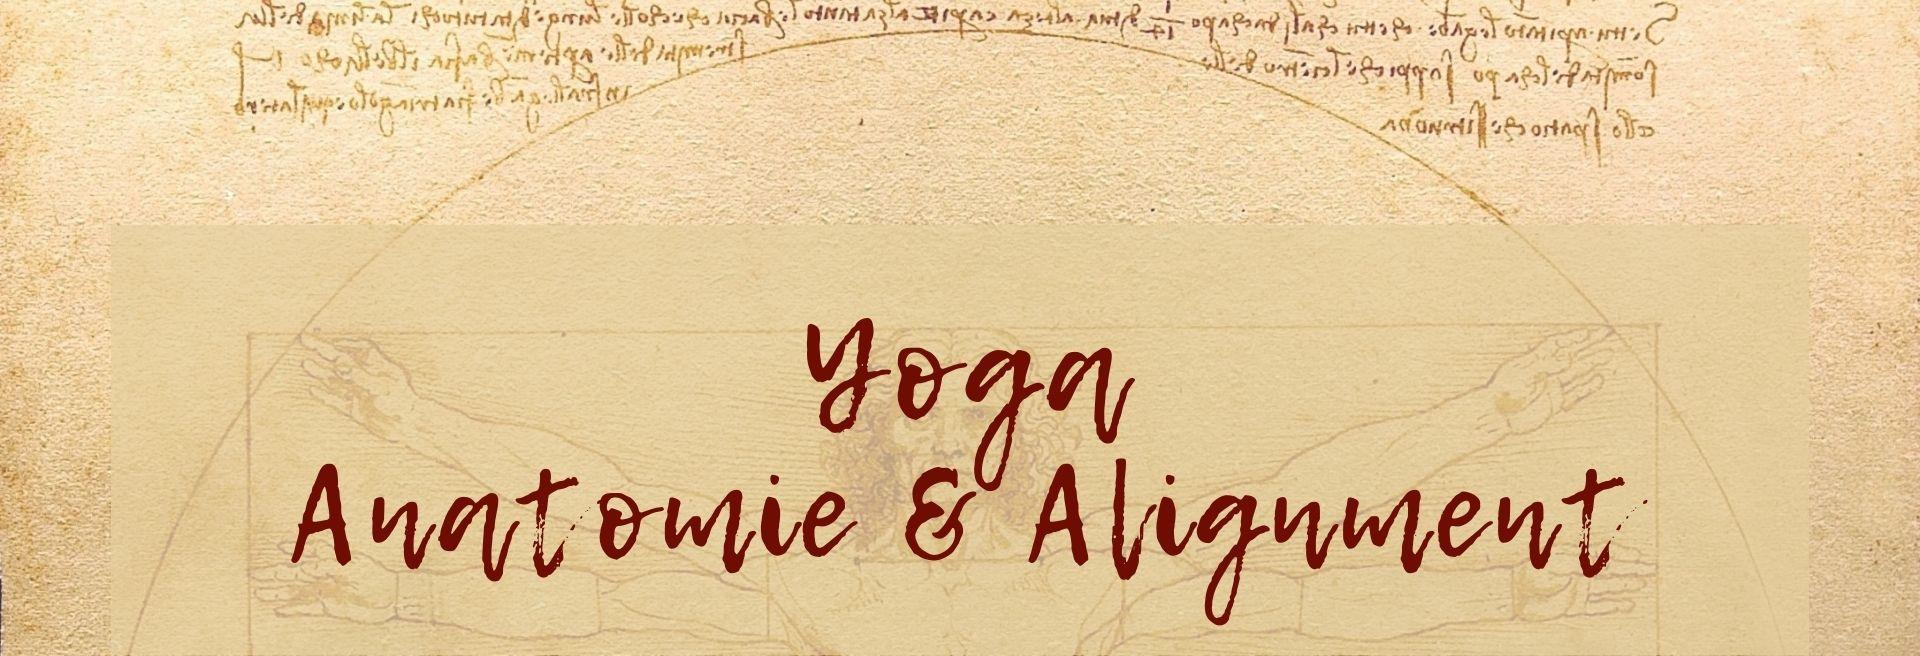 Yoga Anatomie & Alignment